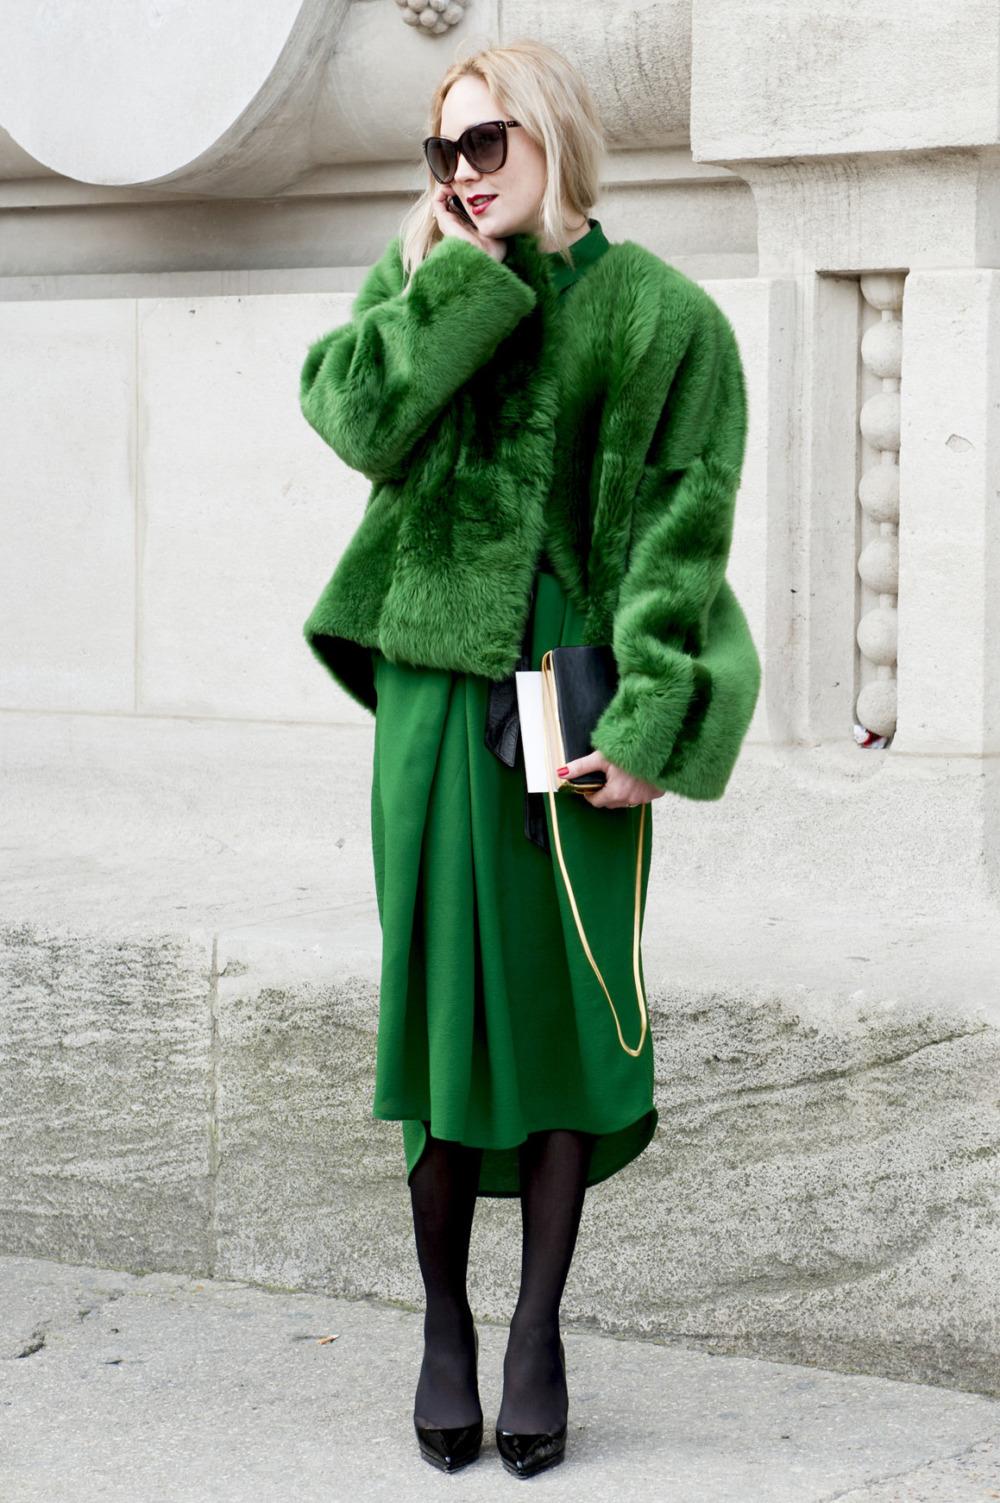 С чем носить зеленую юбку зимой